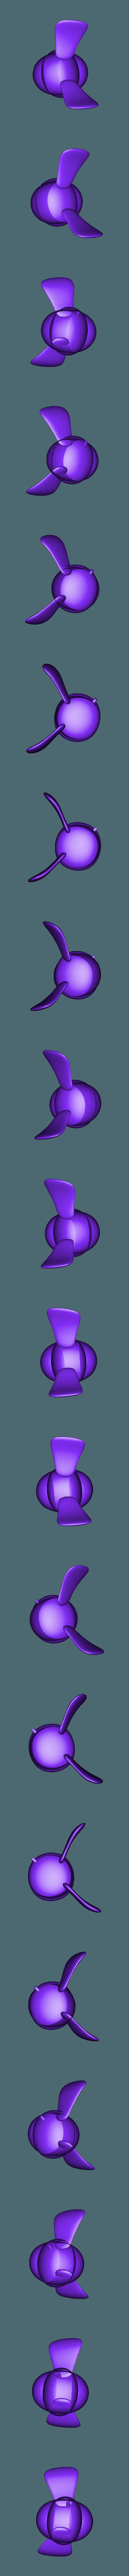 abeja.stl Download free STL file PIGLET - winnie pooh, tender, gentle • 3D print object, RMMAKER